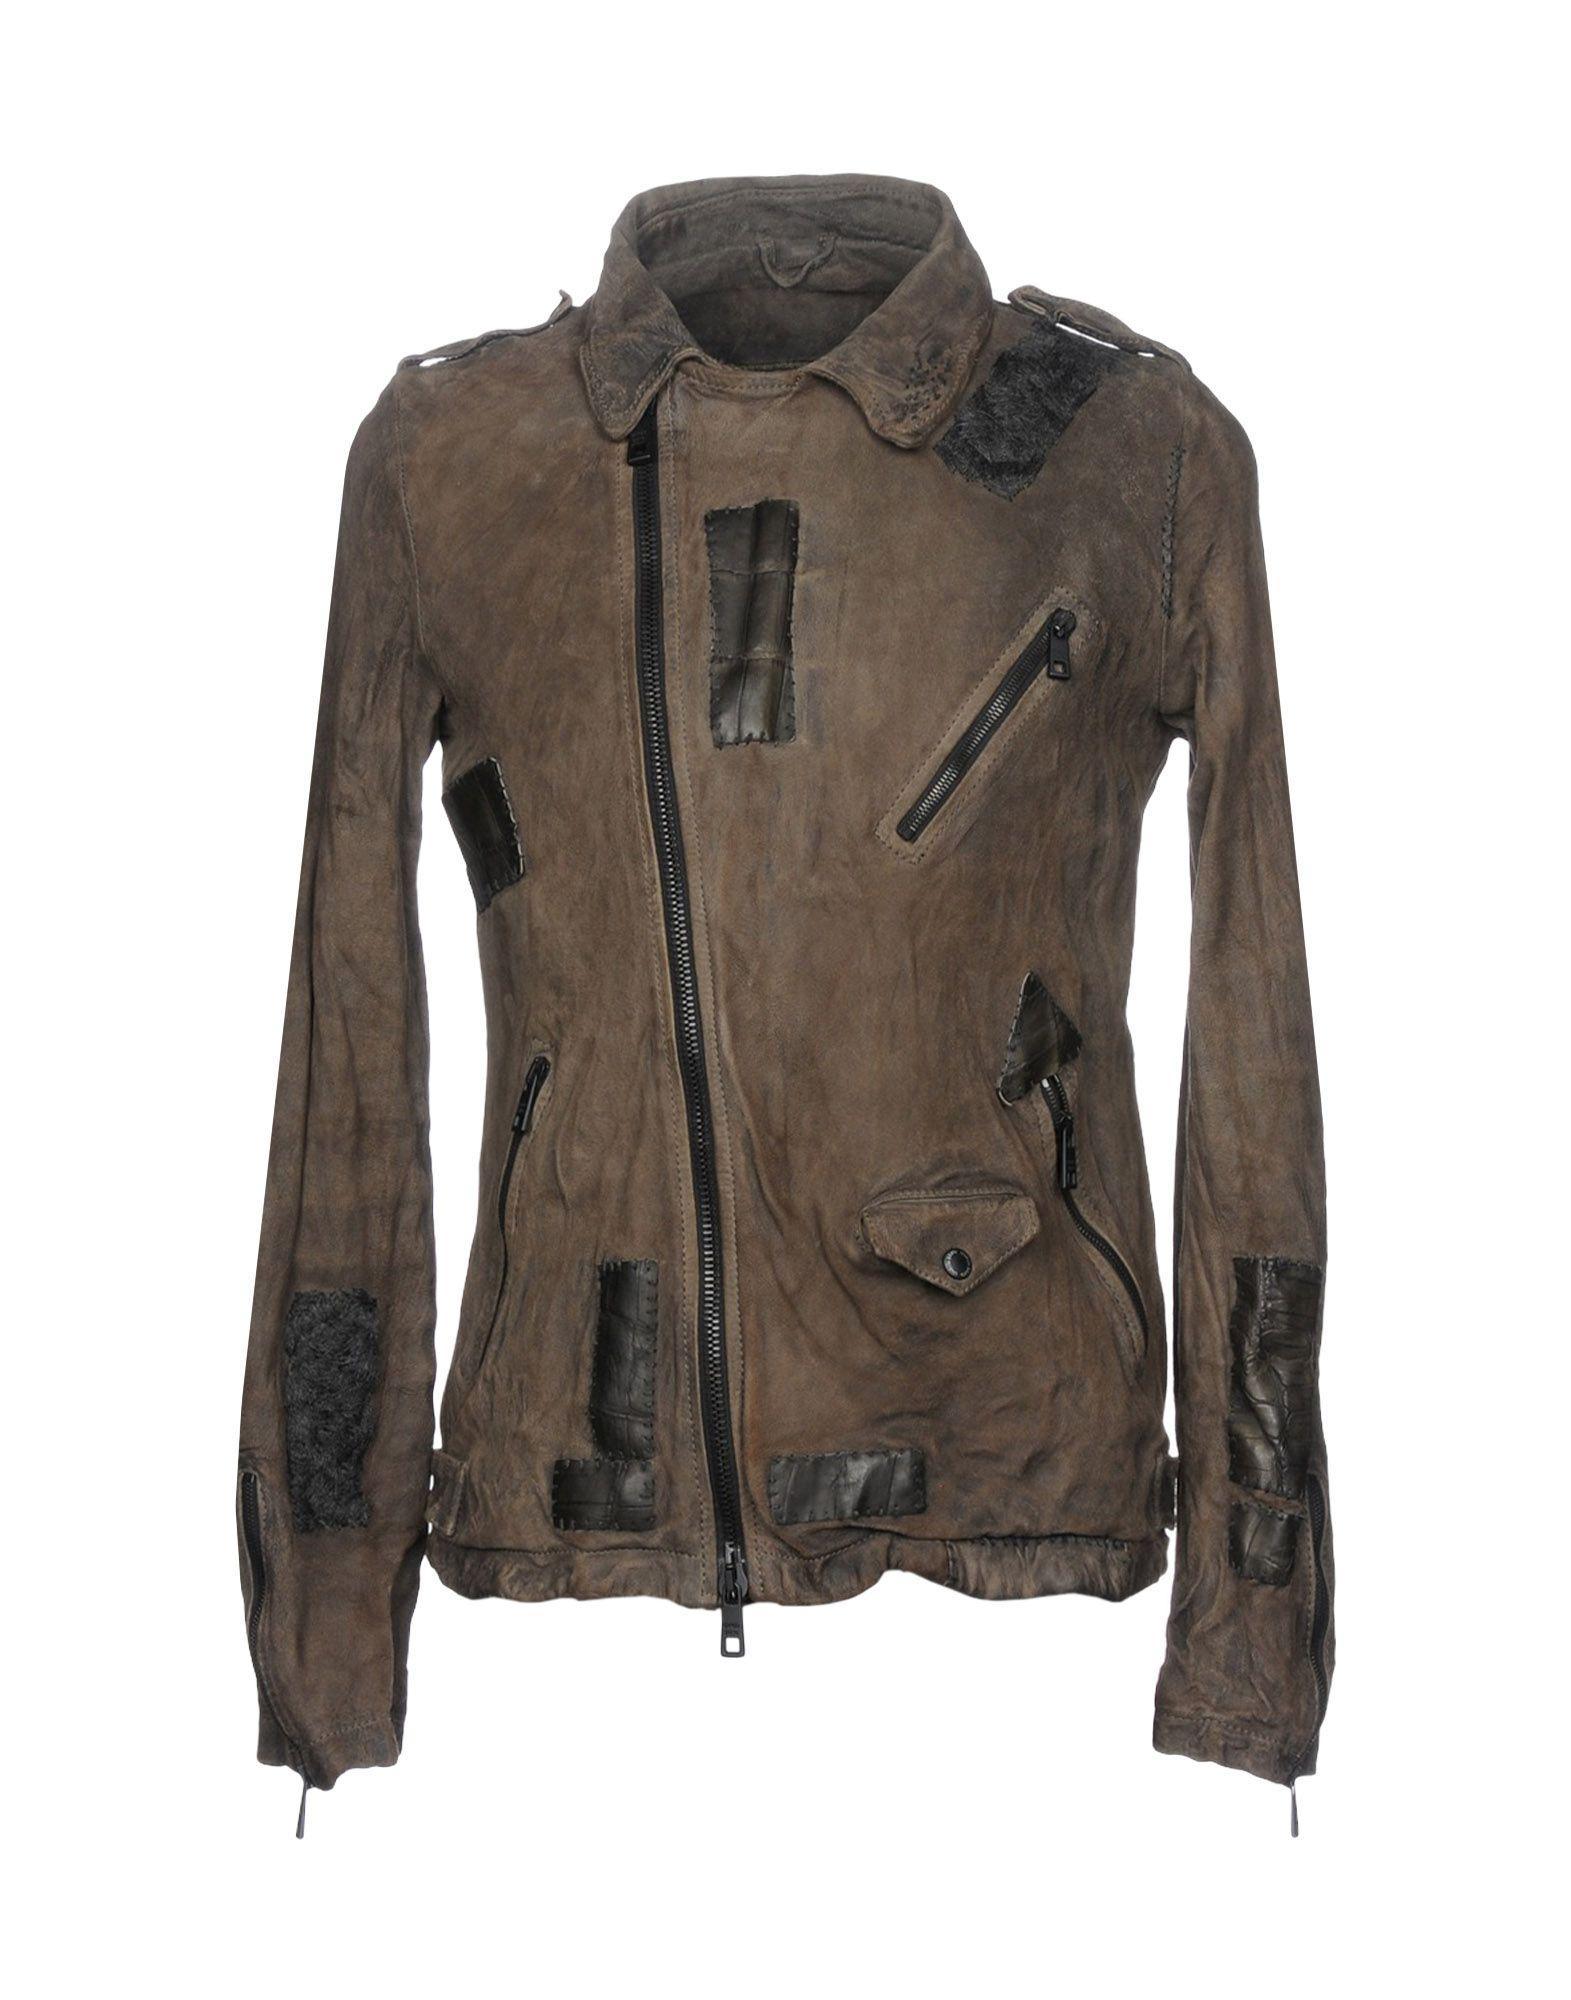 Giorgio Brato Leather Jacket In Khaki